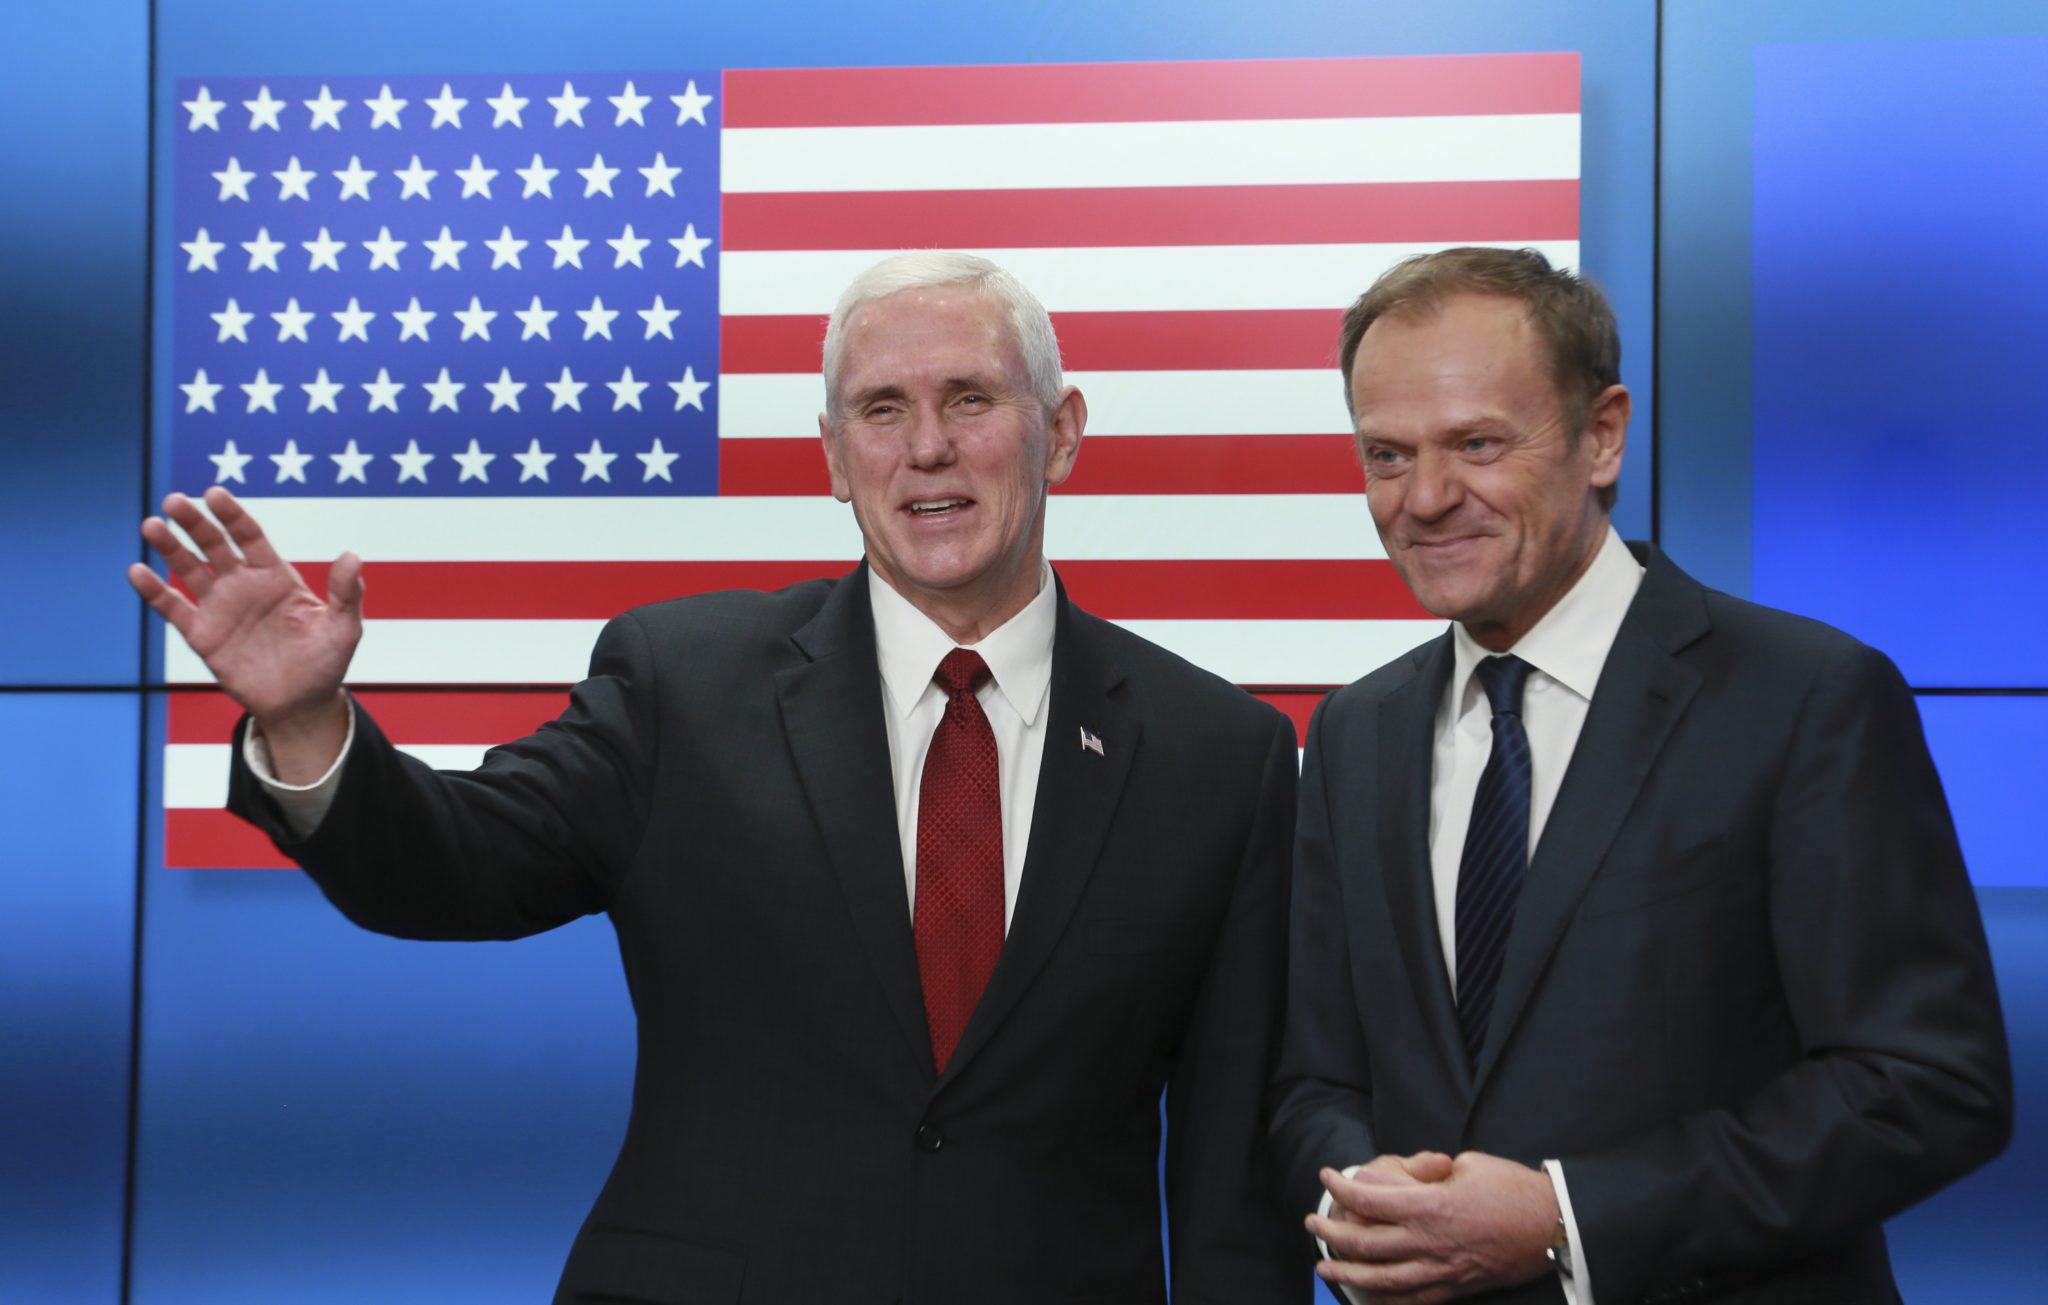 Belgia: wizyta wiceprezydenta USA Mike'a Pence'a w siedzibie Unii Europejskiej w Brukseli (foto. PAP/EPA/STEPHANIE LECOCQ)